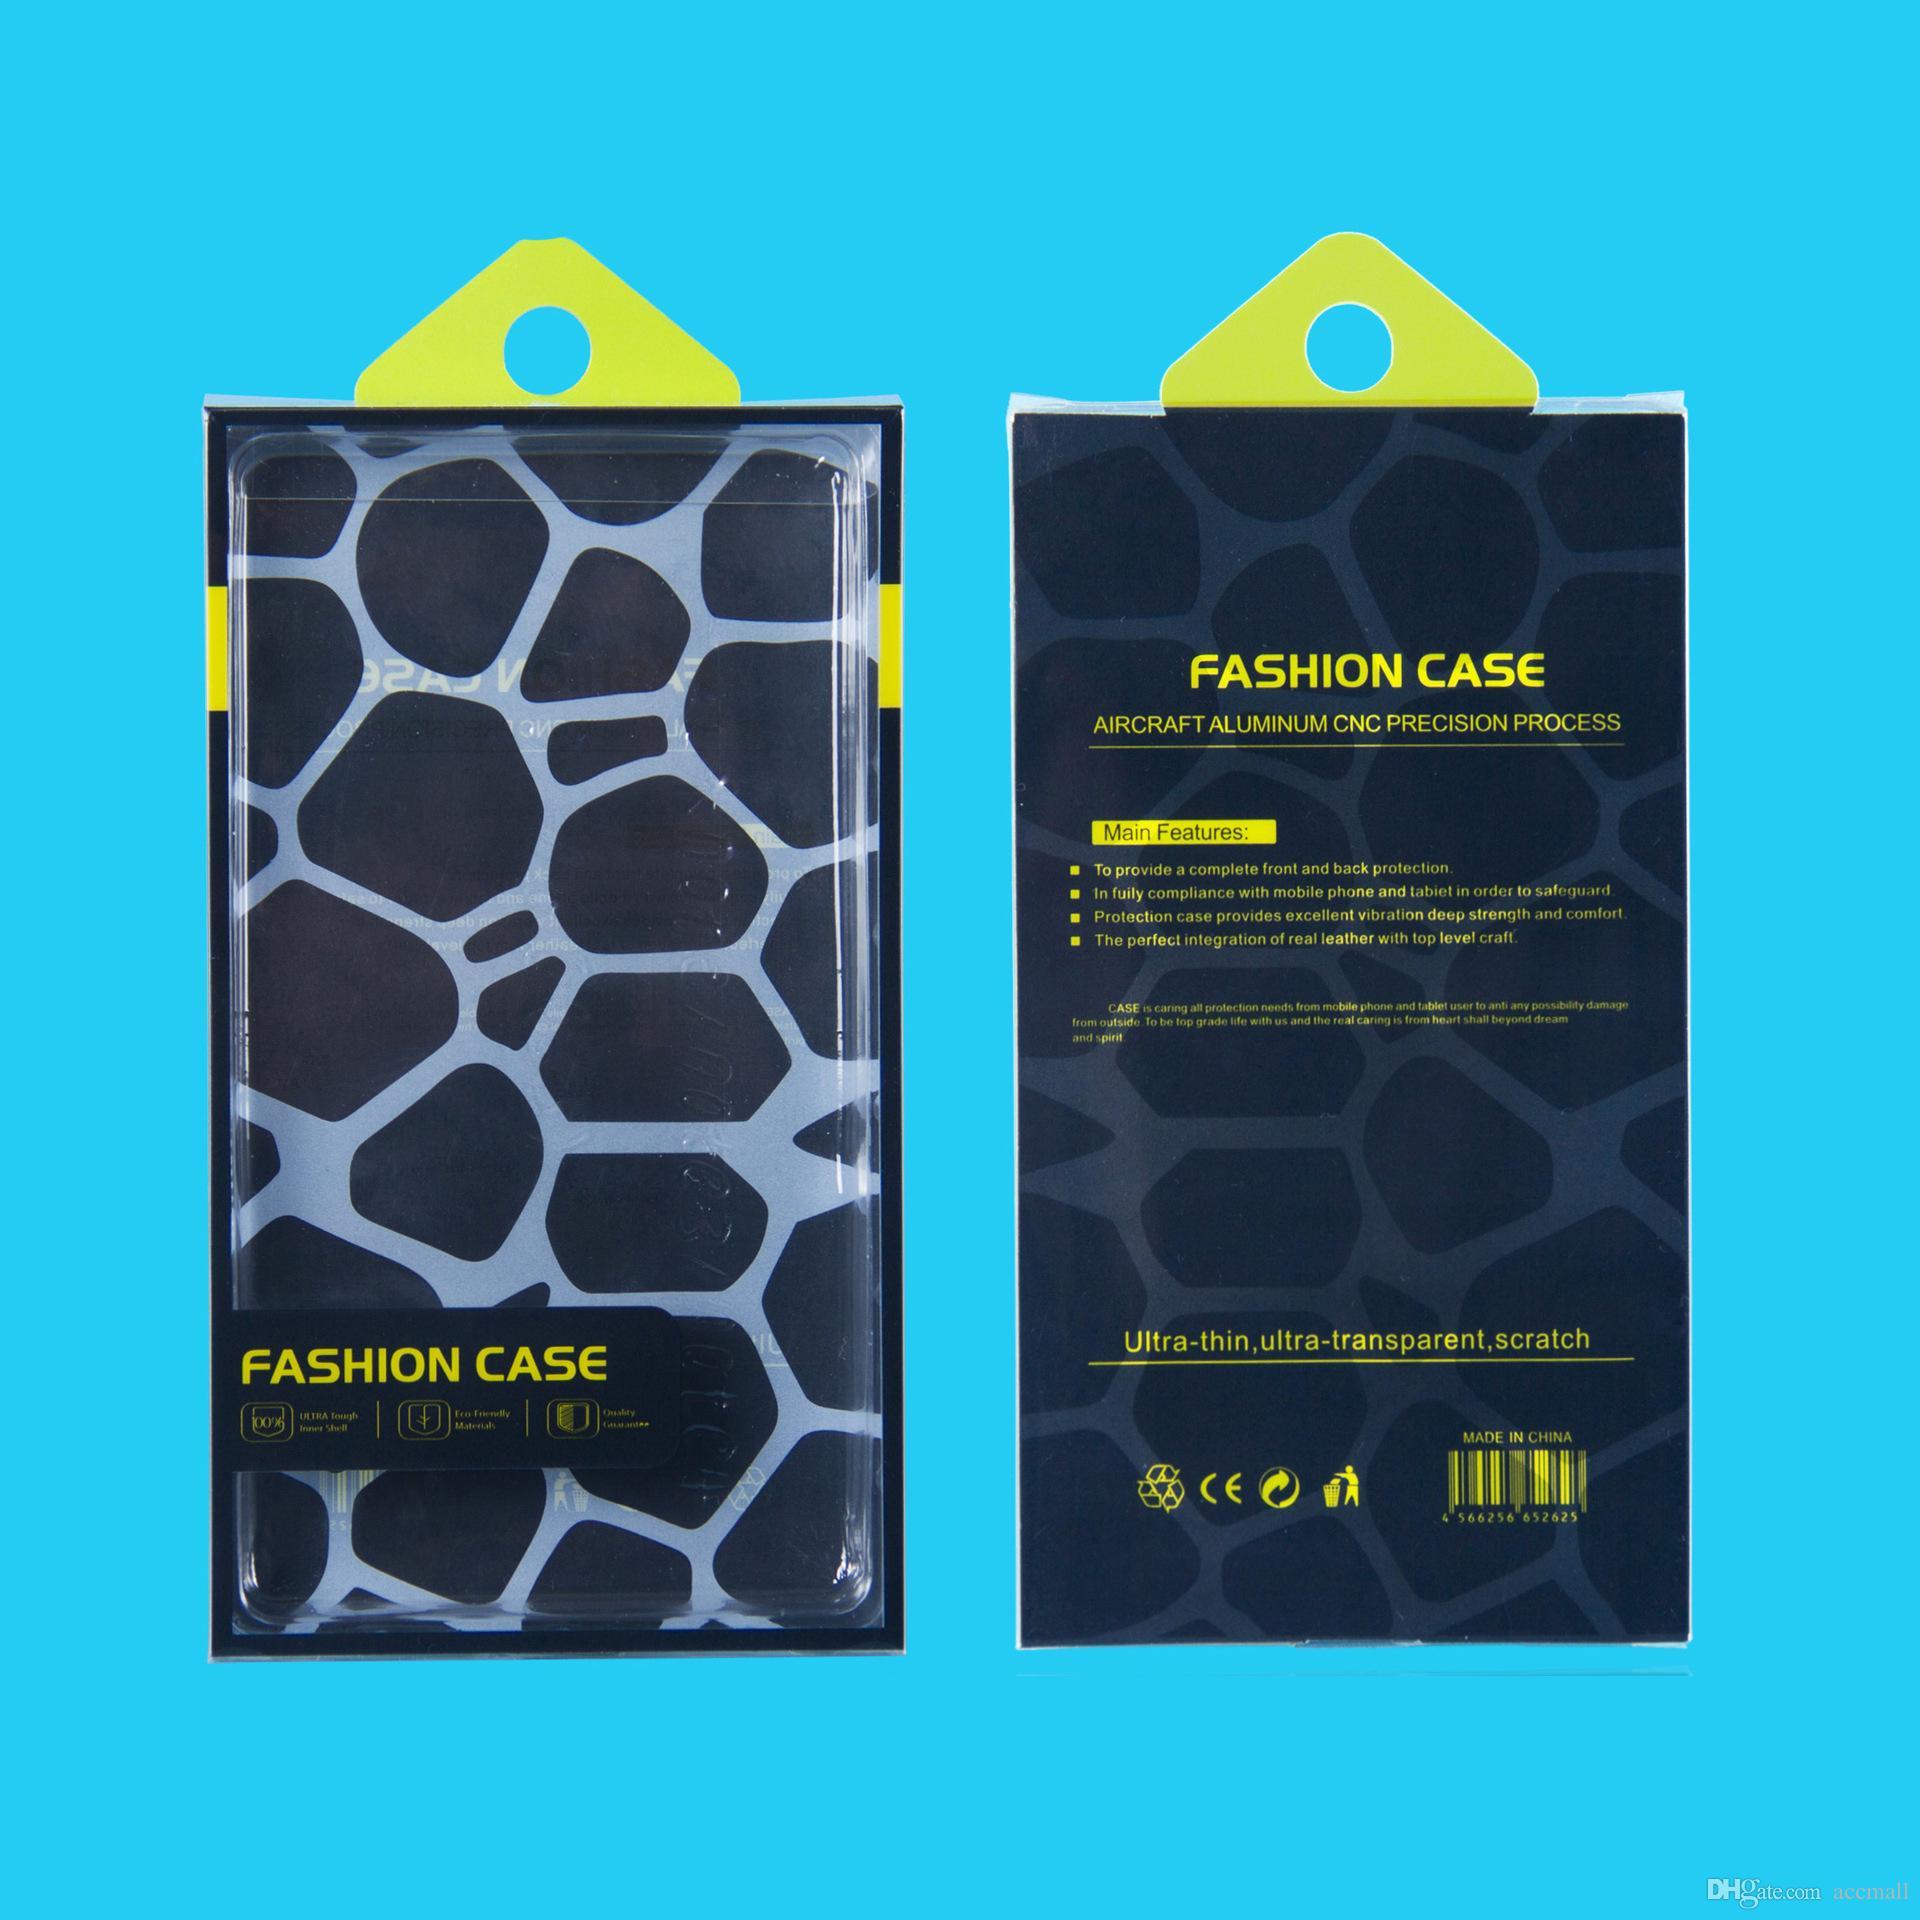 Cajas de empaquetado de la caja plástica del paquete al por menor del PVC vacío para el iPhone 8 7 6S 6 más 5.5 pulgadas Caja de la cartera de la carpeta del cuero del teléfono de Samsung S5 Note 4 3